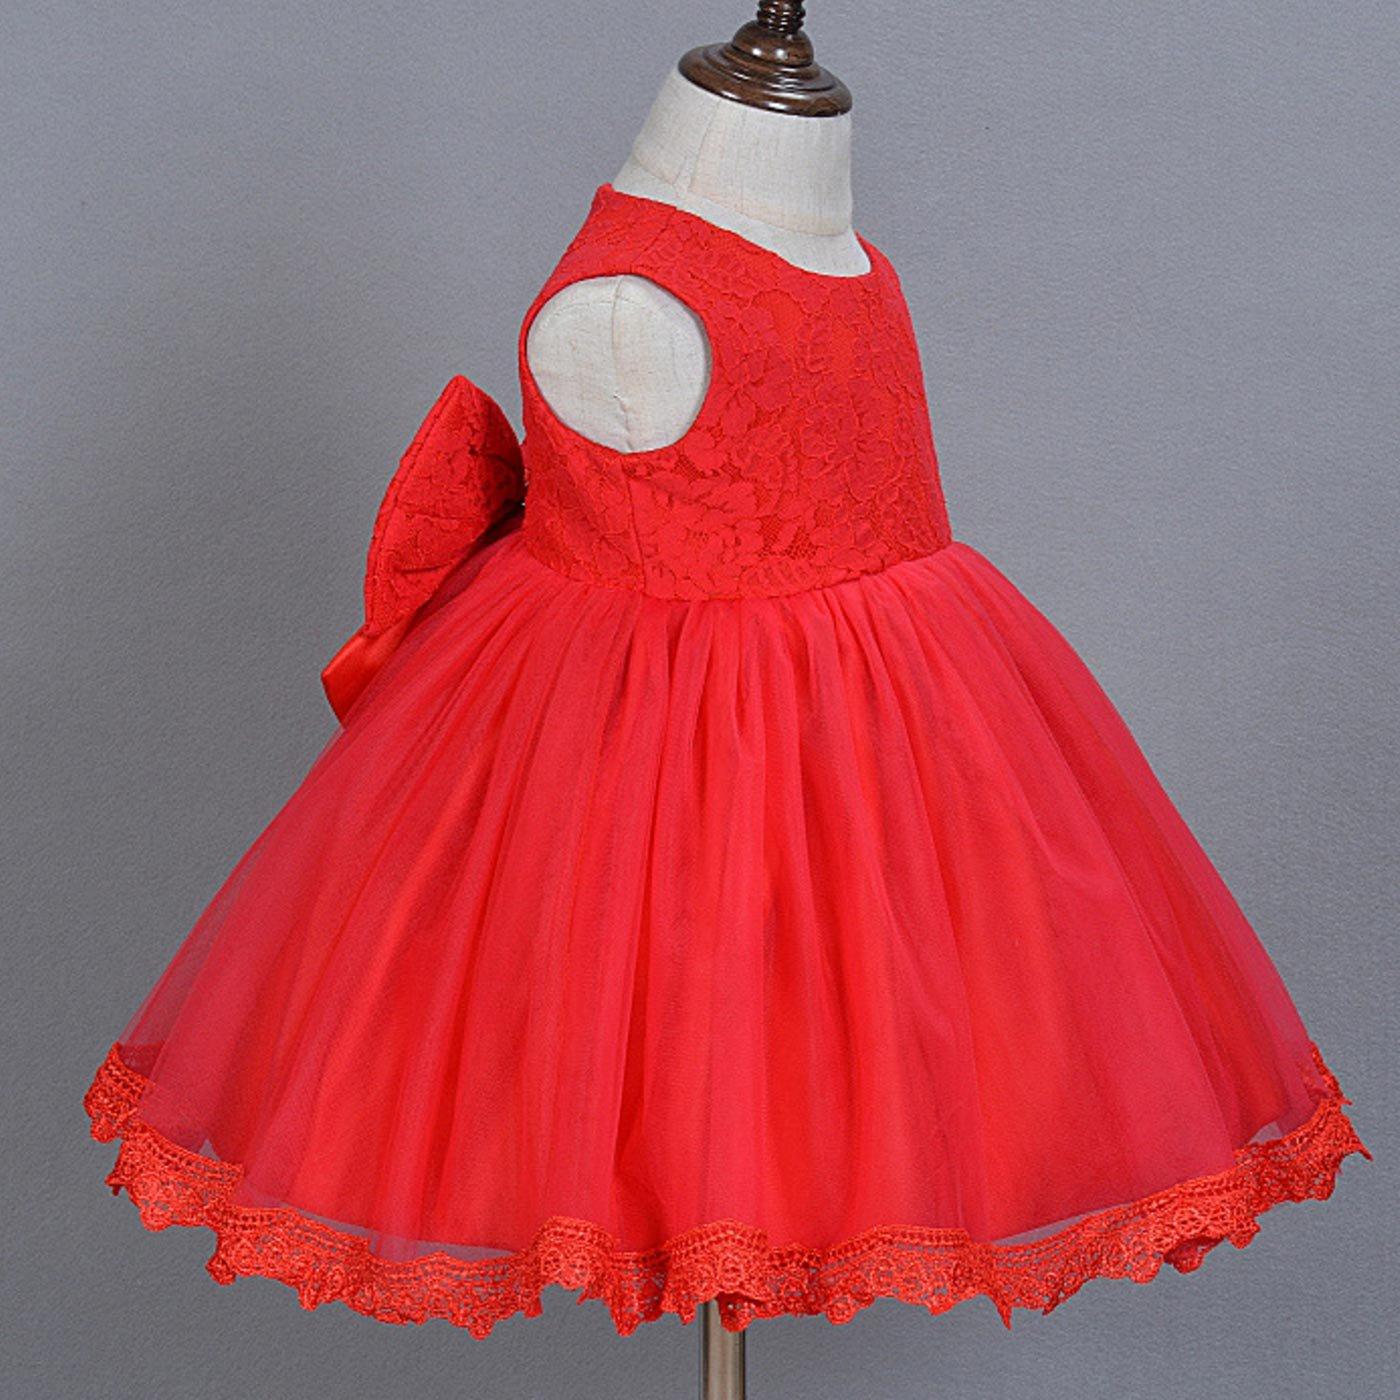 HAPPY CHERRY Babym/ädchen Kleider Baby S/ü/ßes Kleid Kleine Prinzessin Kleid /Ärmelloses Falten Kleid mit Gro/ße Schleife f/ür die K/örpergr/ö/ße 56-89cm 0-18 Monate